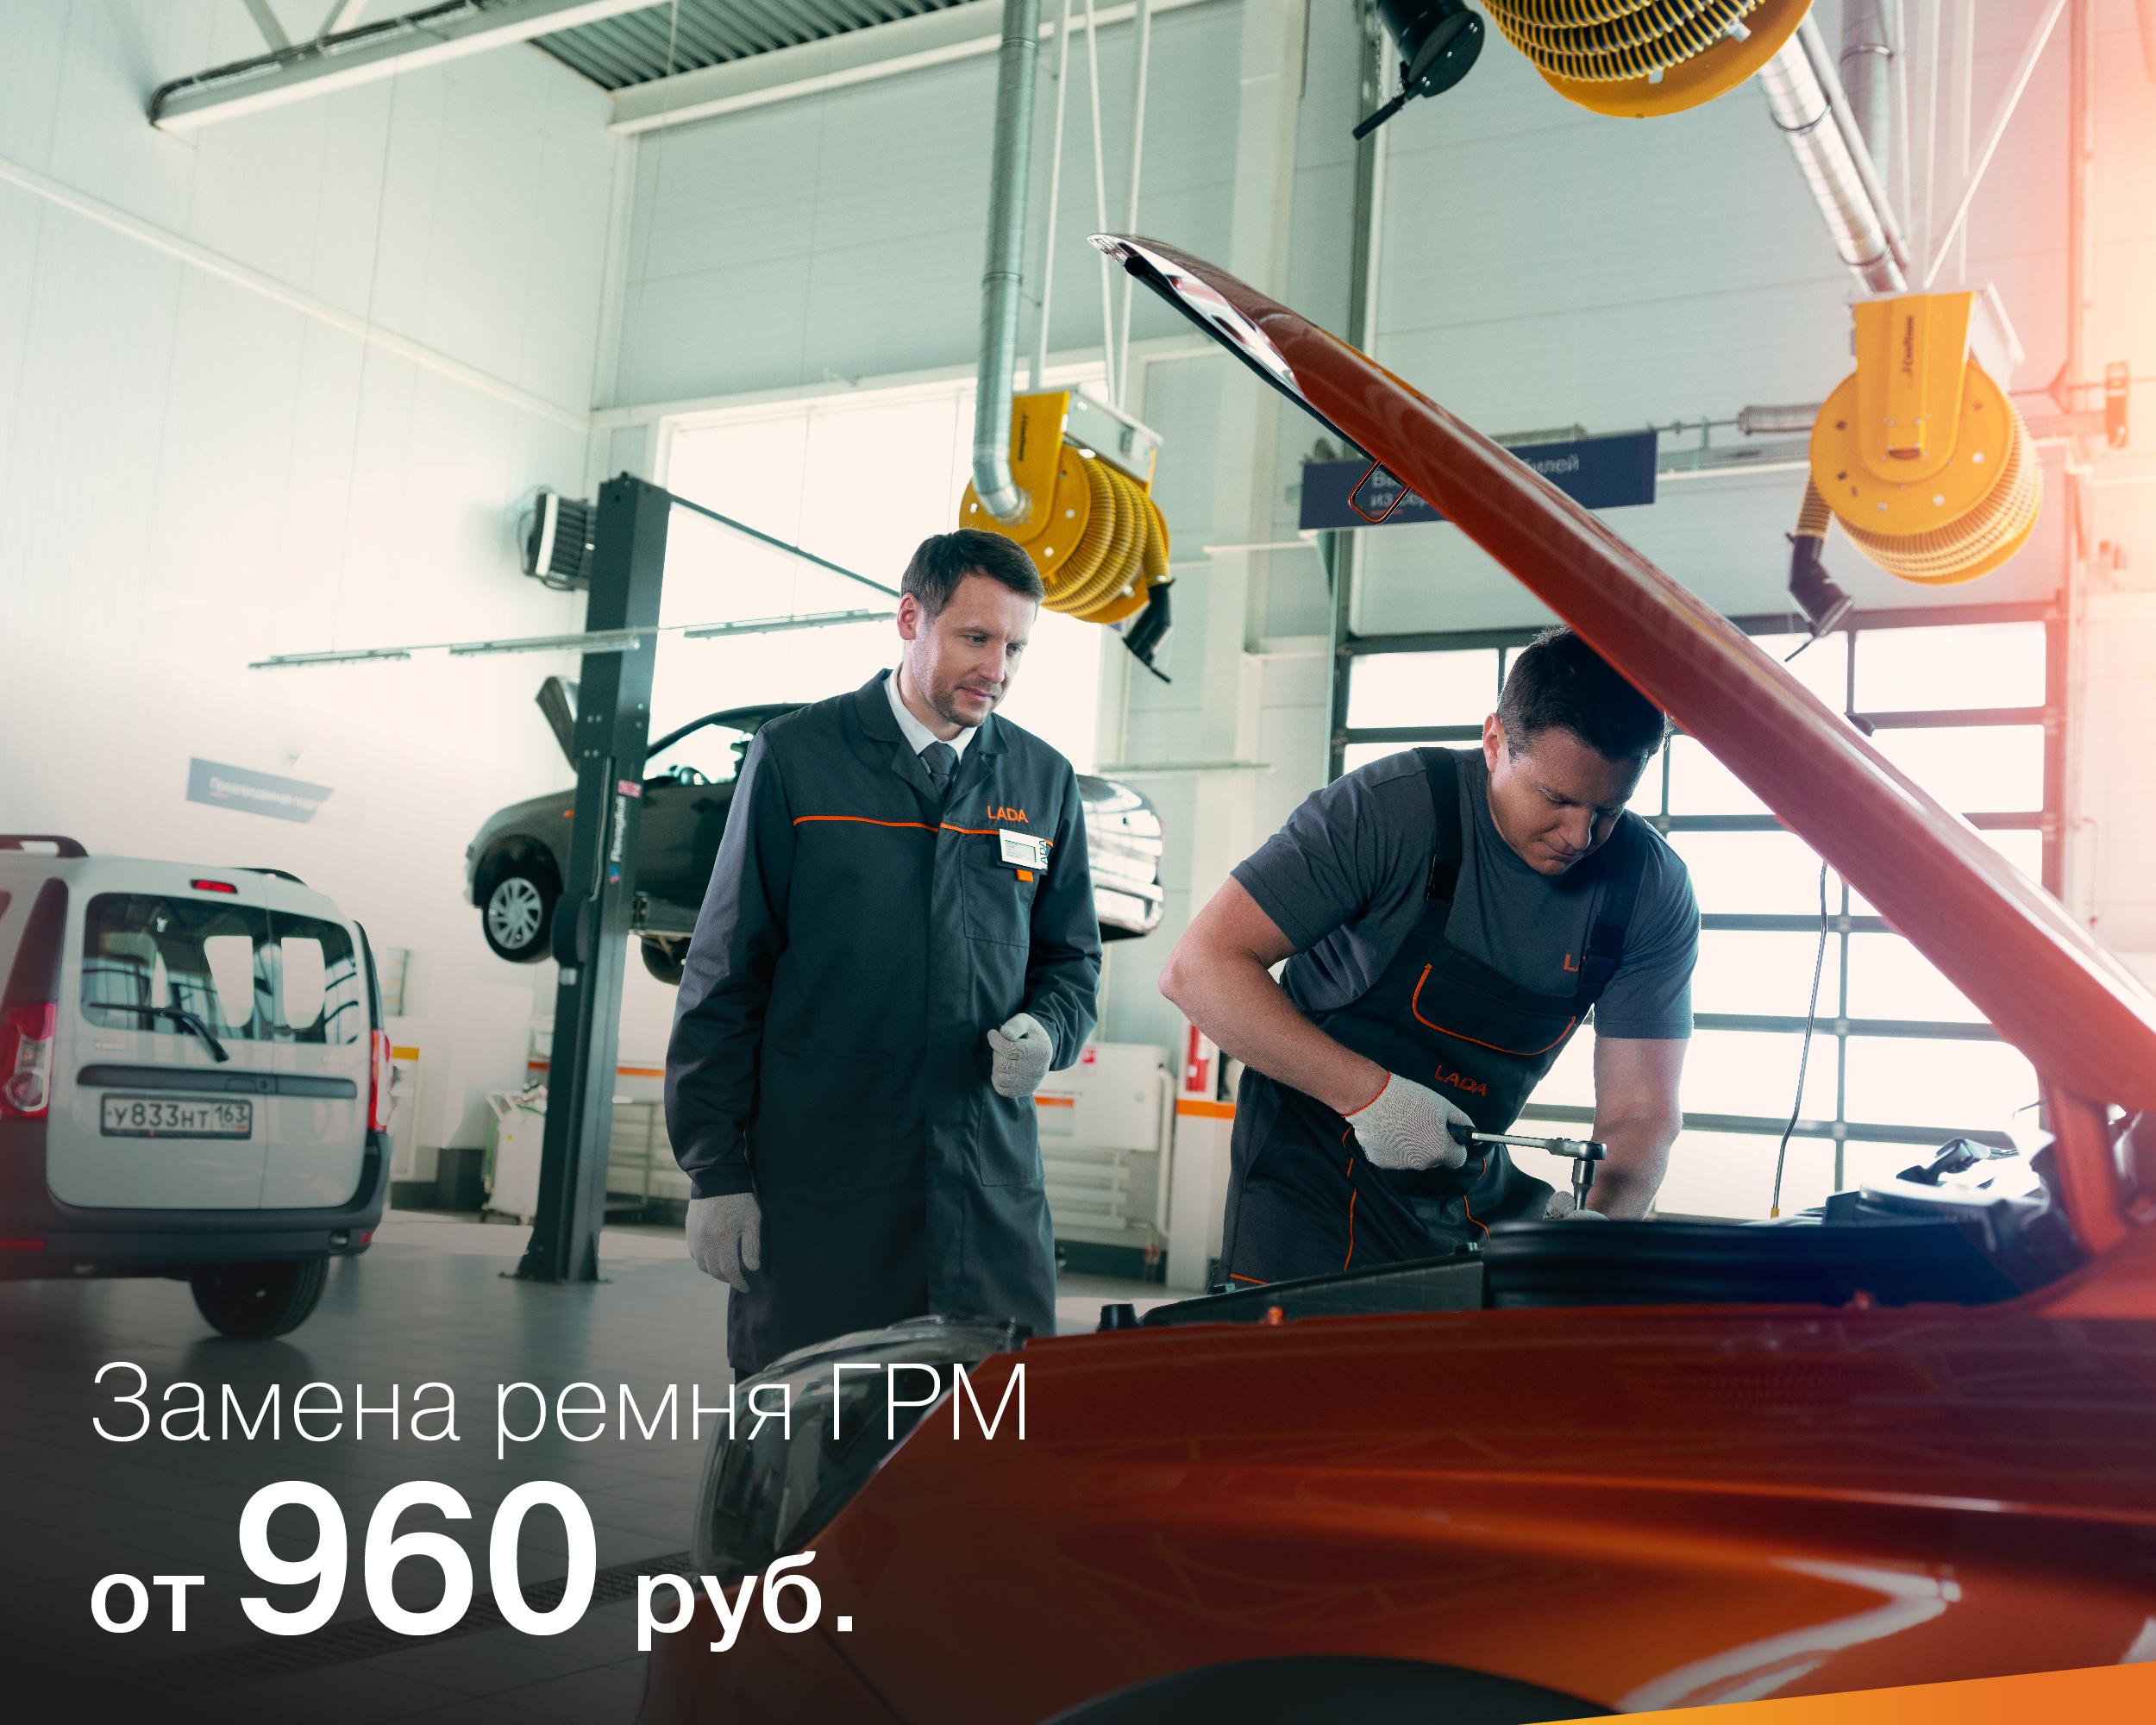 Замена ремня ГРМ от 960 рублей.